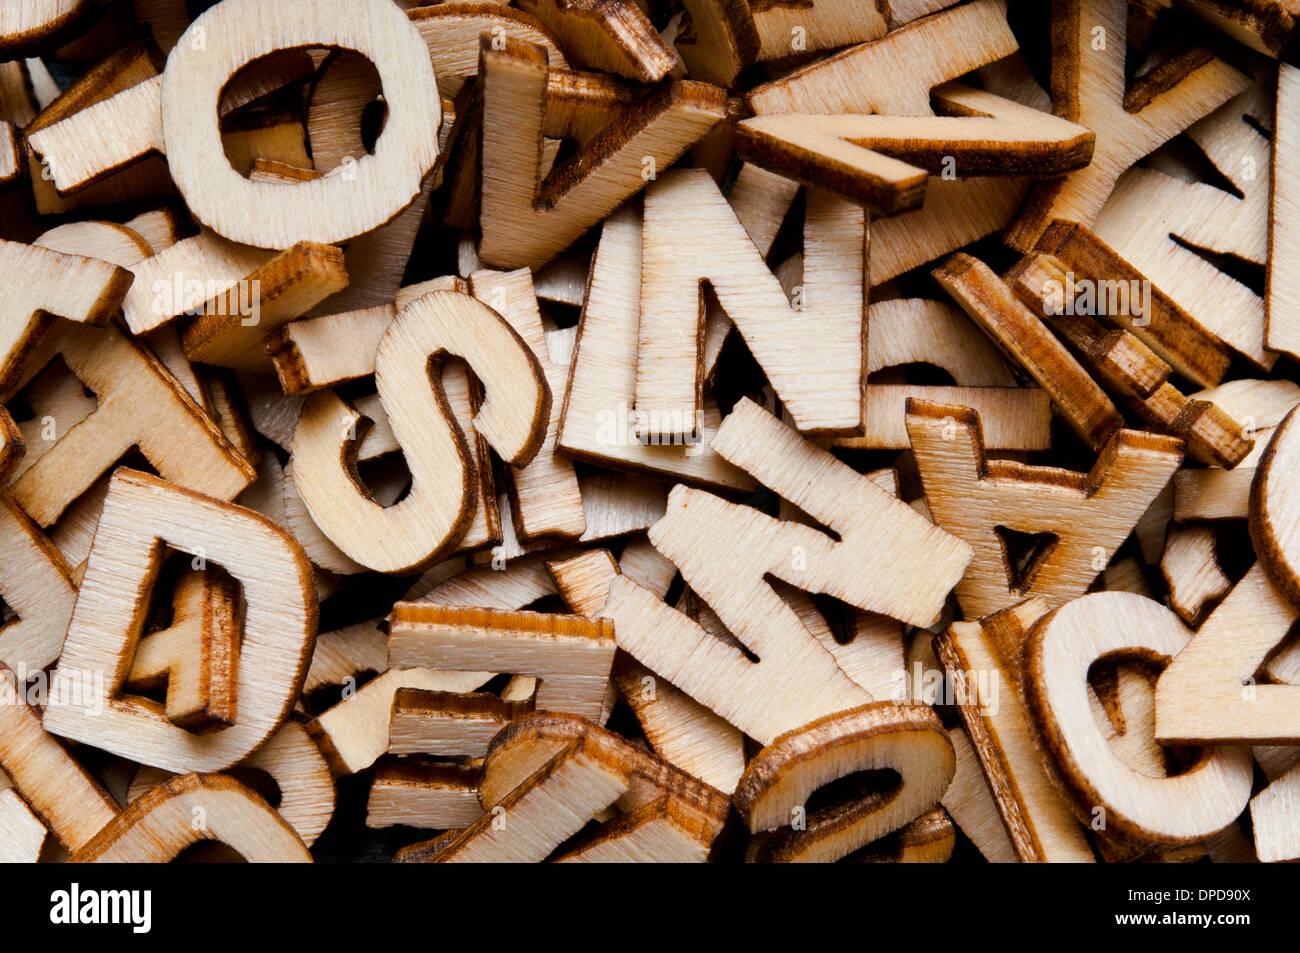 Antecedentes de las letras del alfabeto de madera Imagen De Stock